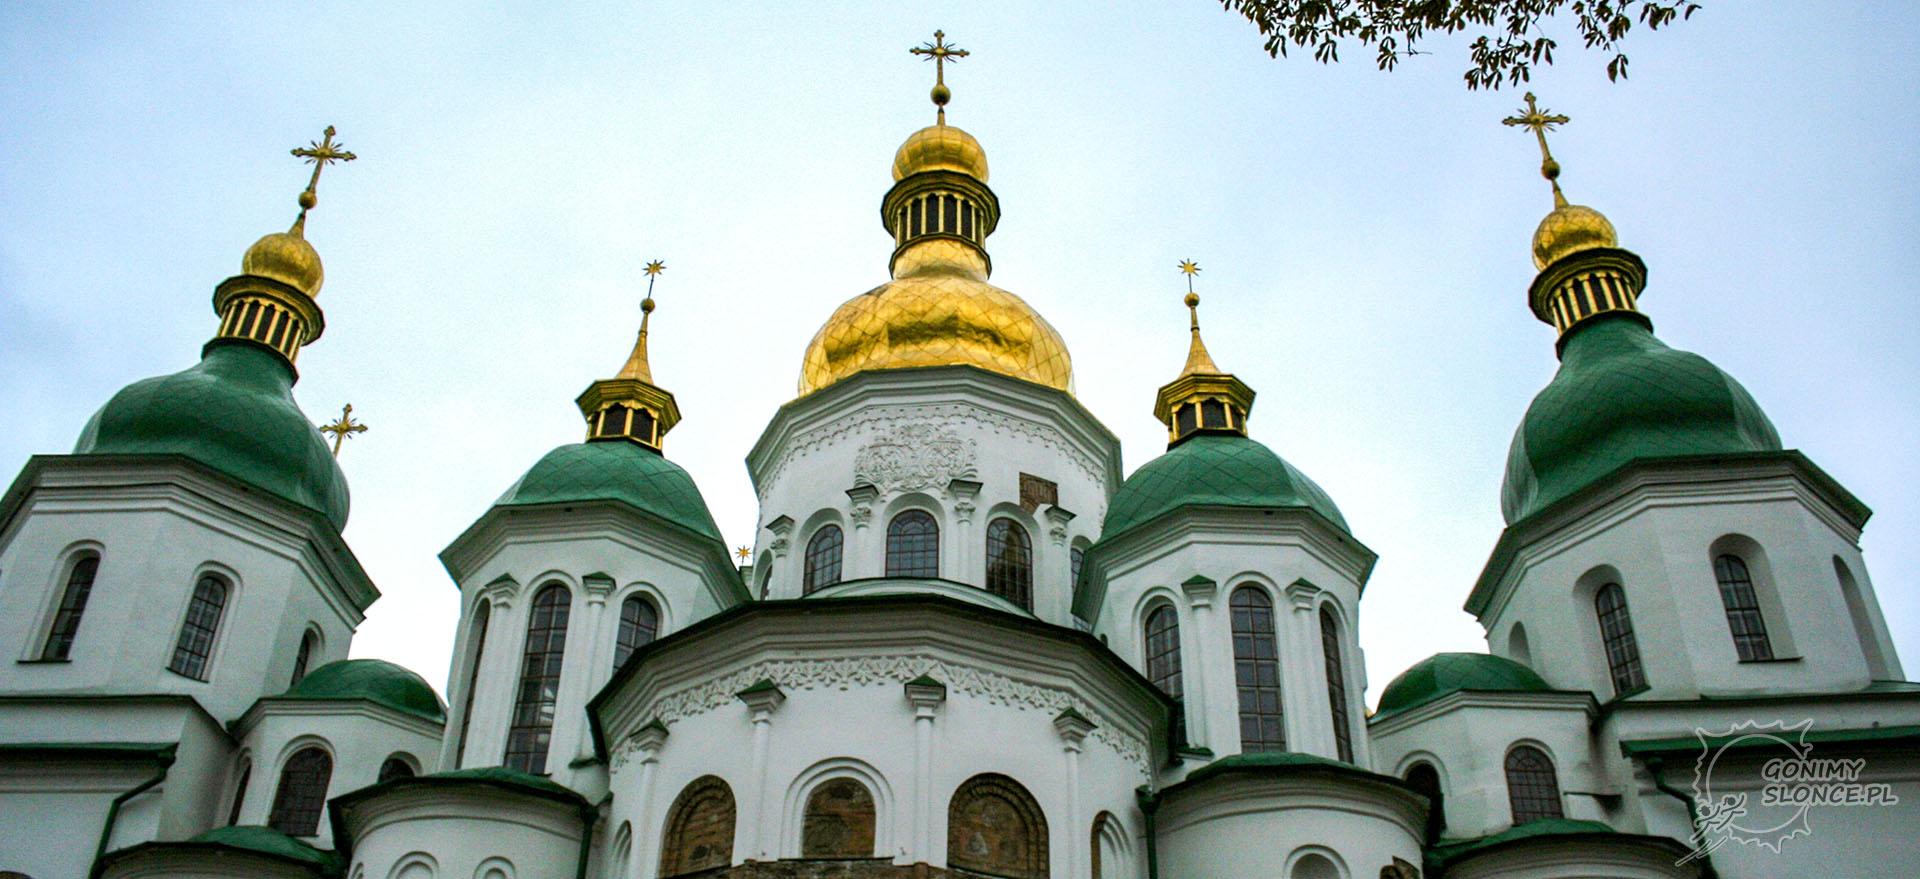 Kijów, zwiedzanie